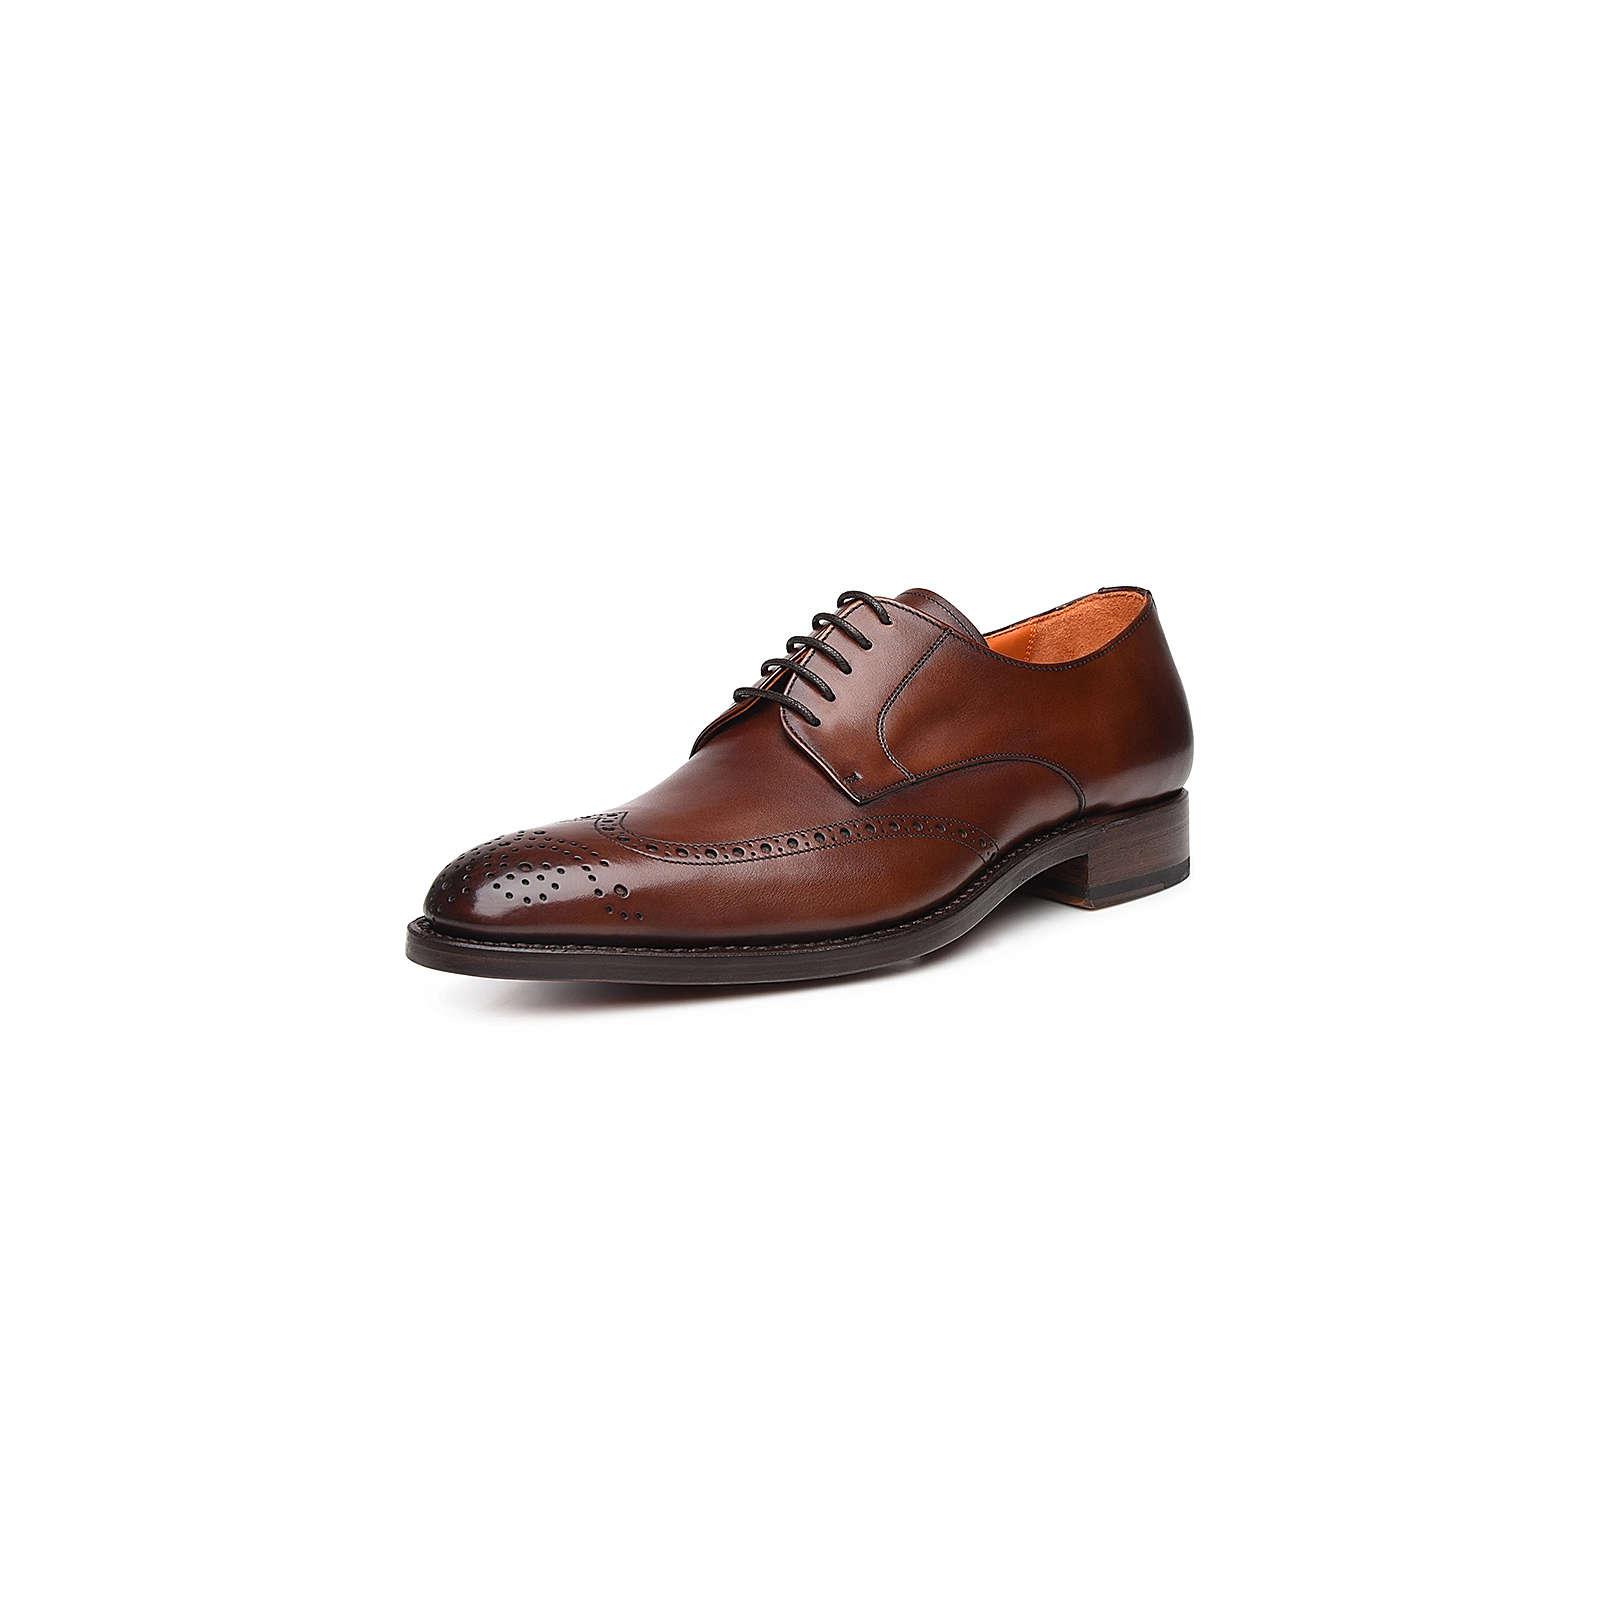 Shoepassion Schnürschuhe No. 5436 Business-Schnürschuhe braun Herren Gr. 44 2/3